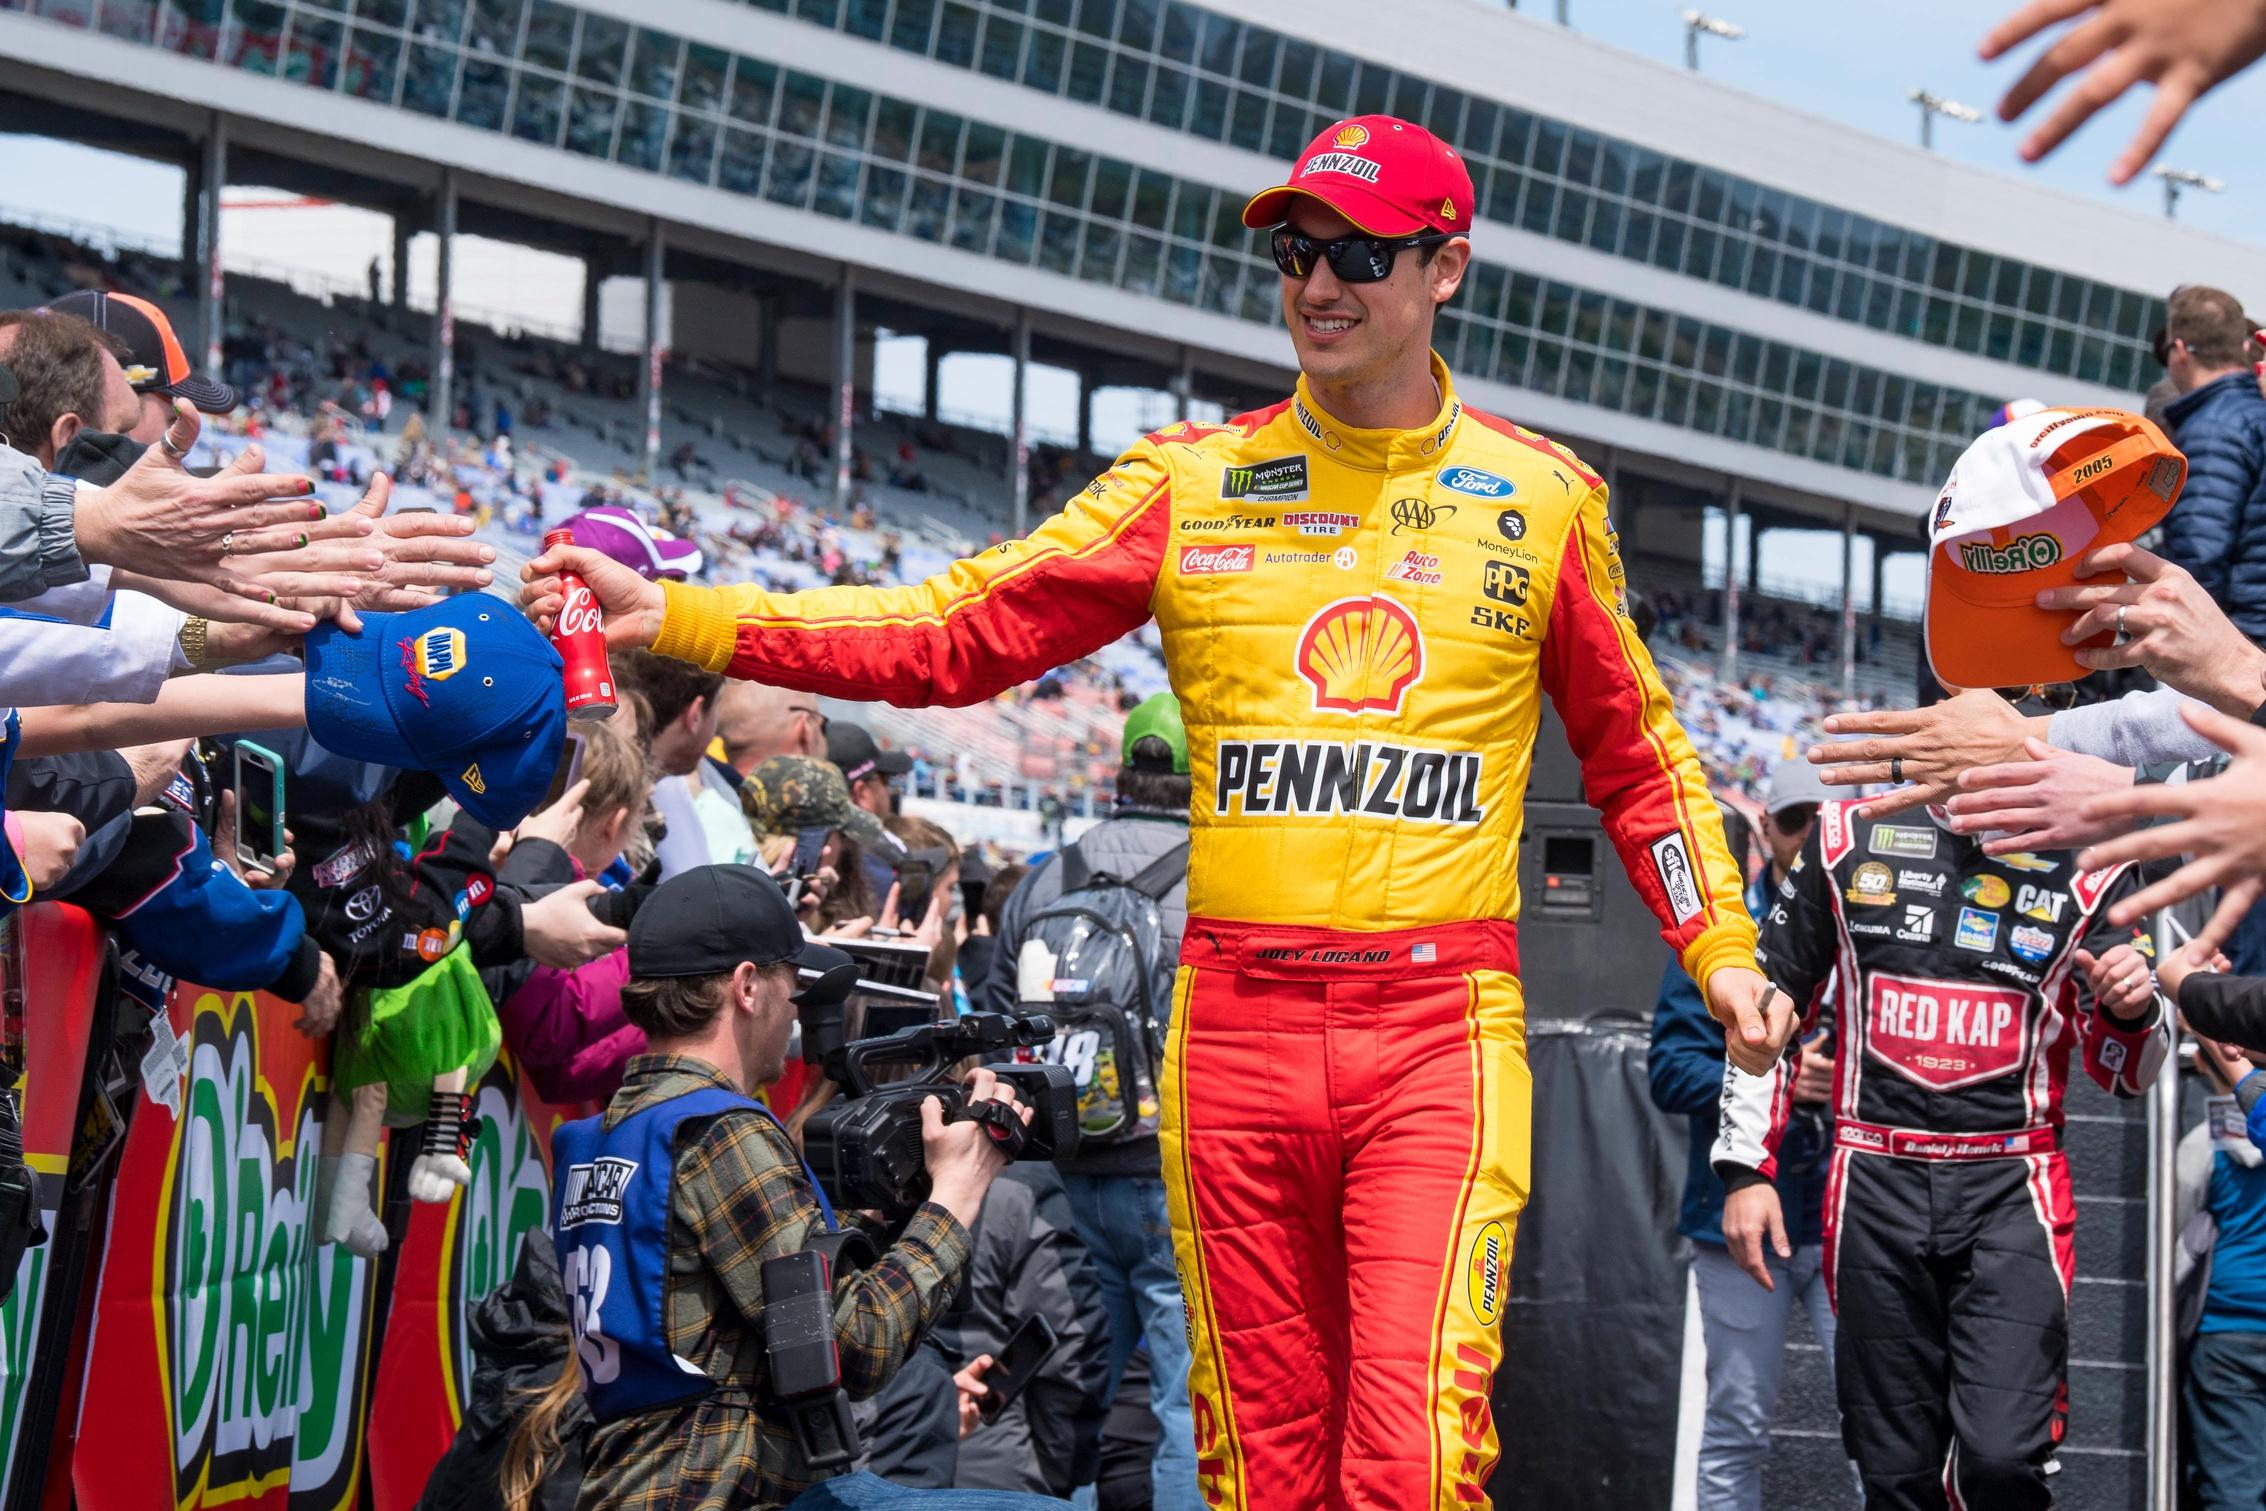 GEICO 500 at Talladega: 2019 NASCAR® FANTASY DRIVER RANKINGS – DraftKings Playbook